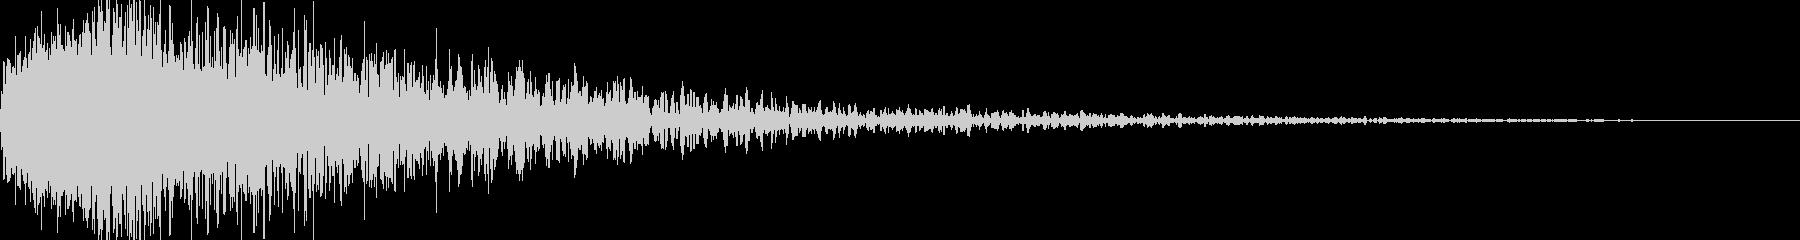 恐怖1(「ギャン…」という怖い音)の未再生の波形